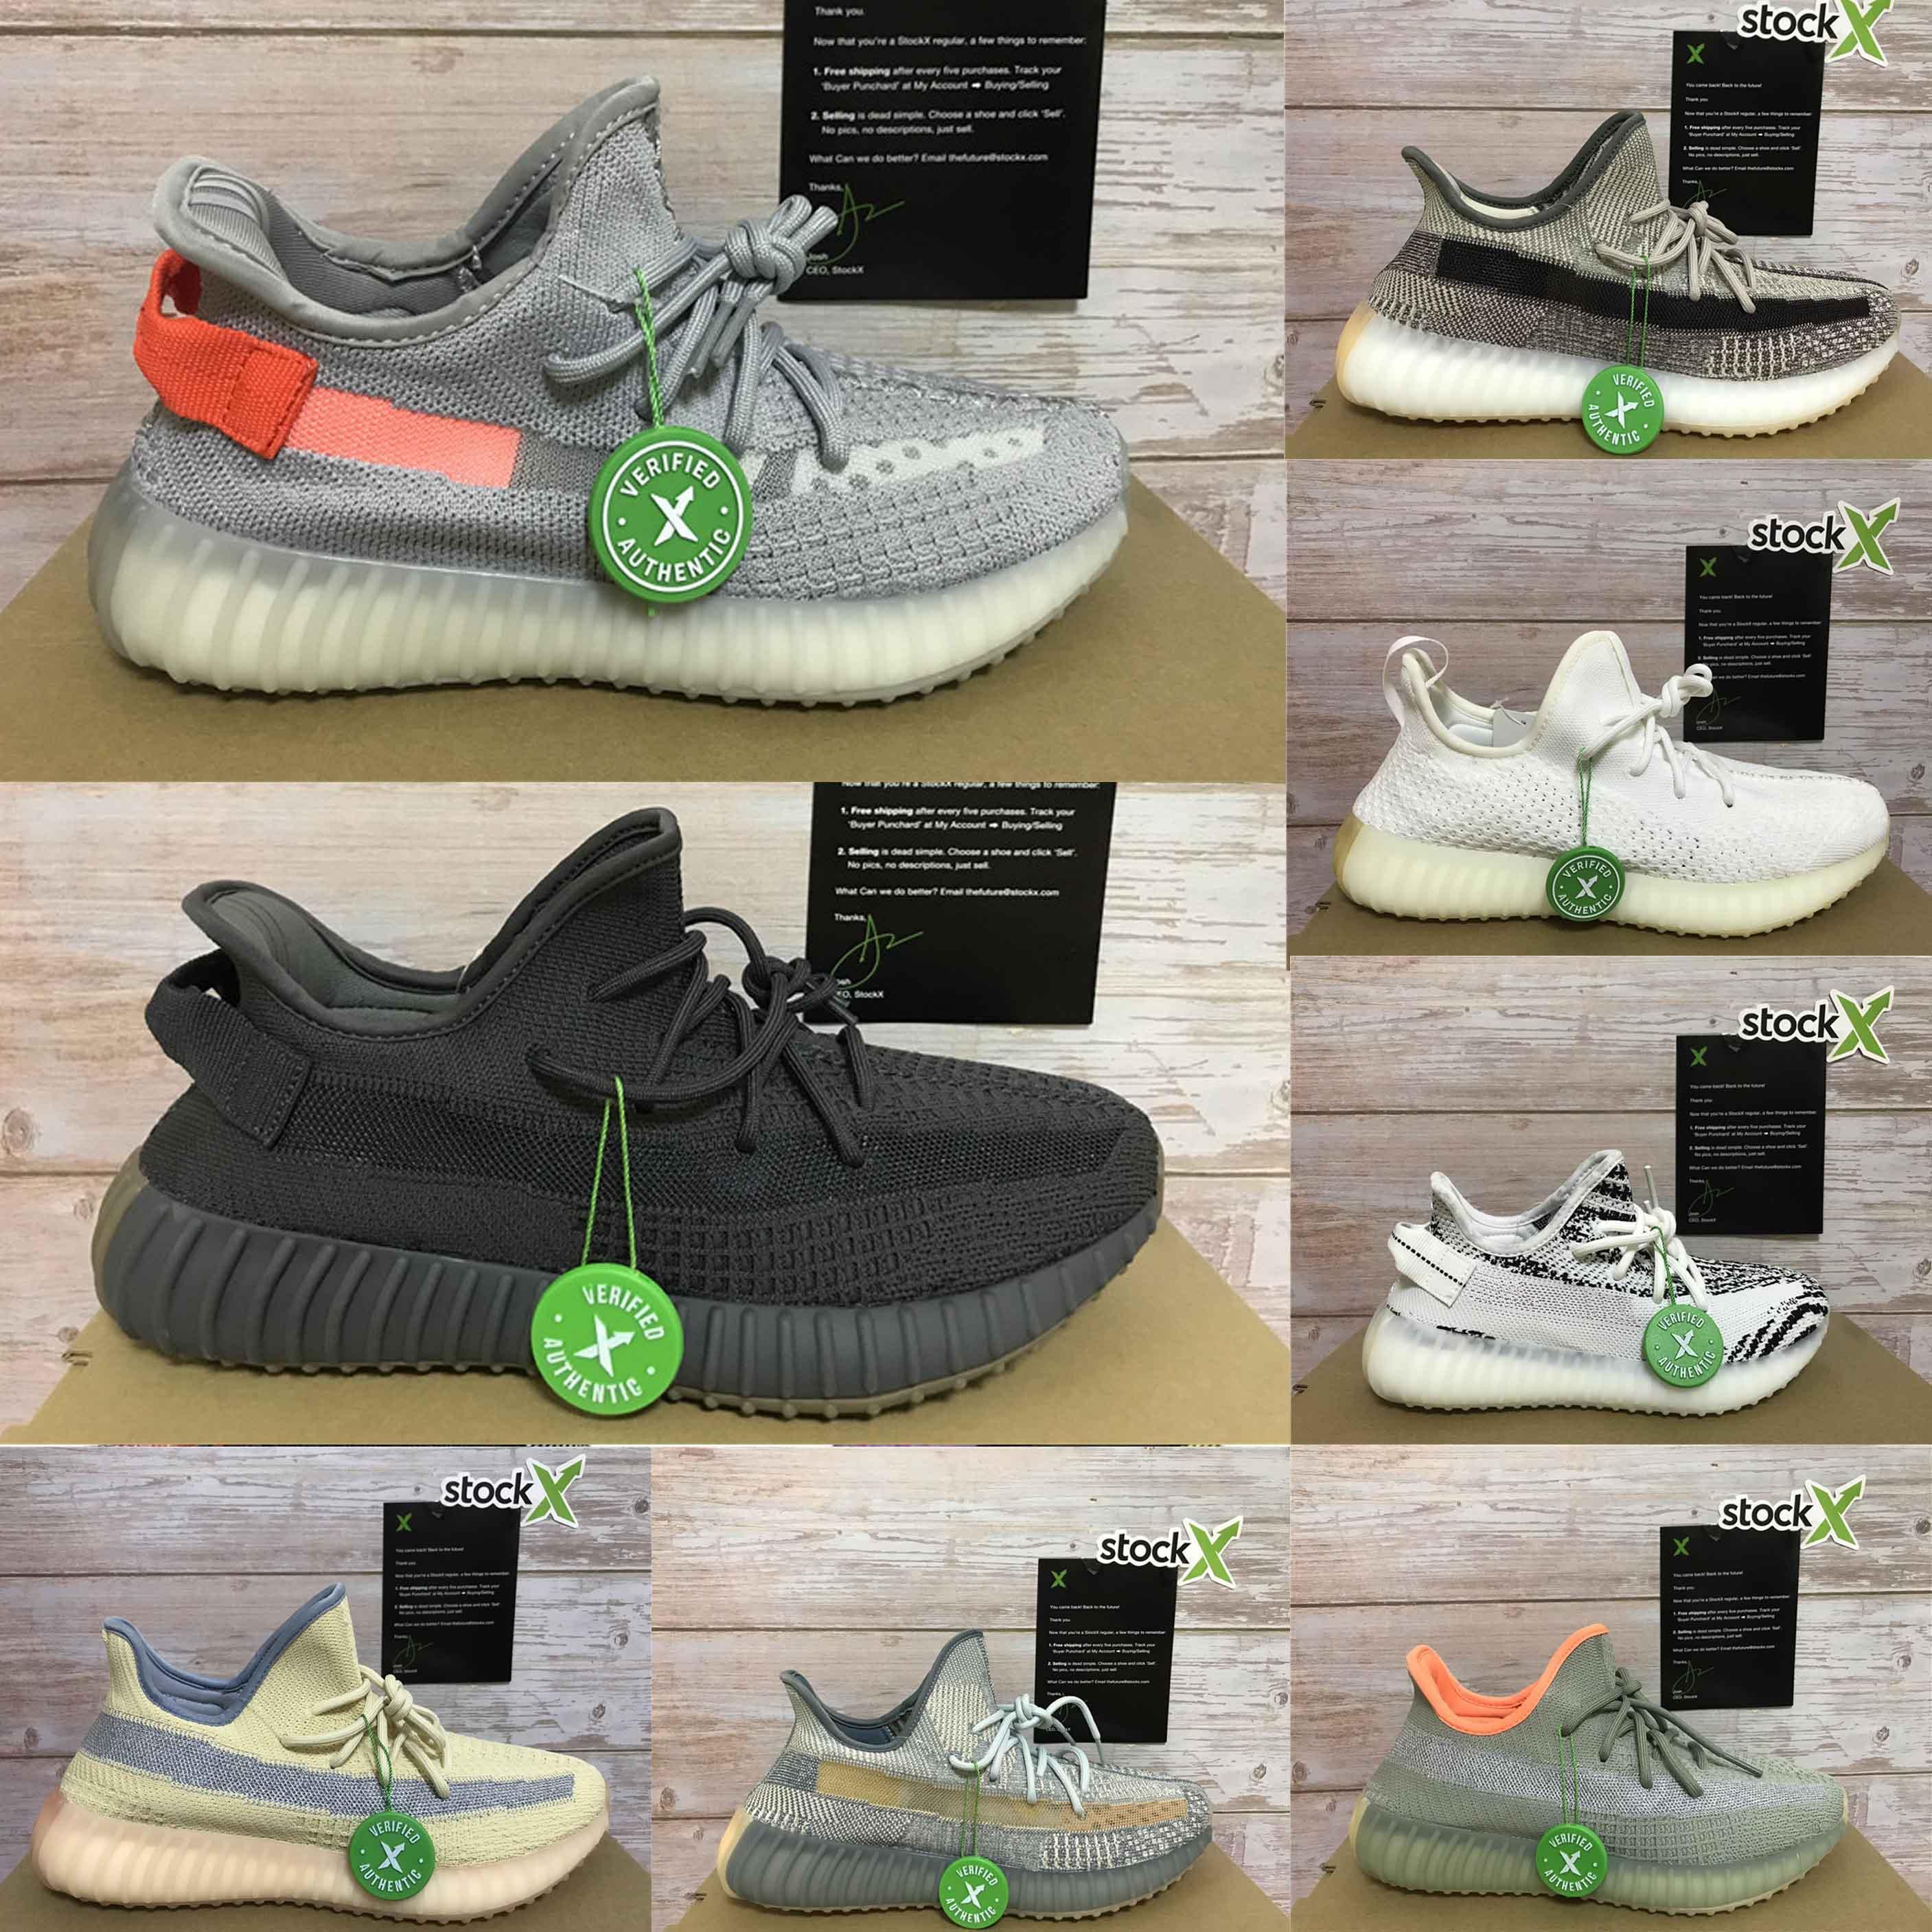 2020 Ejecución de la cola de la zapatilla de deporte de Kanye West luz de ceniza zapatos Yecheil Yeezreel hiperespacio Lundmark Antlia estático reflectante cebra MarshTOP calidad